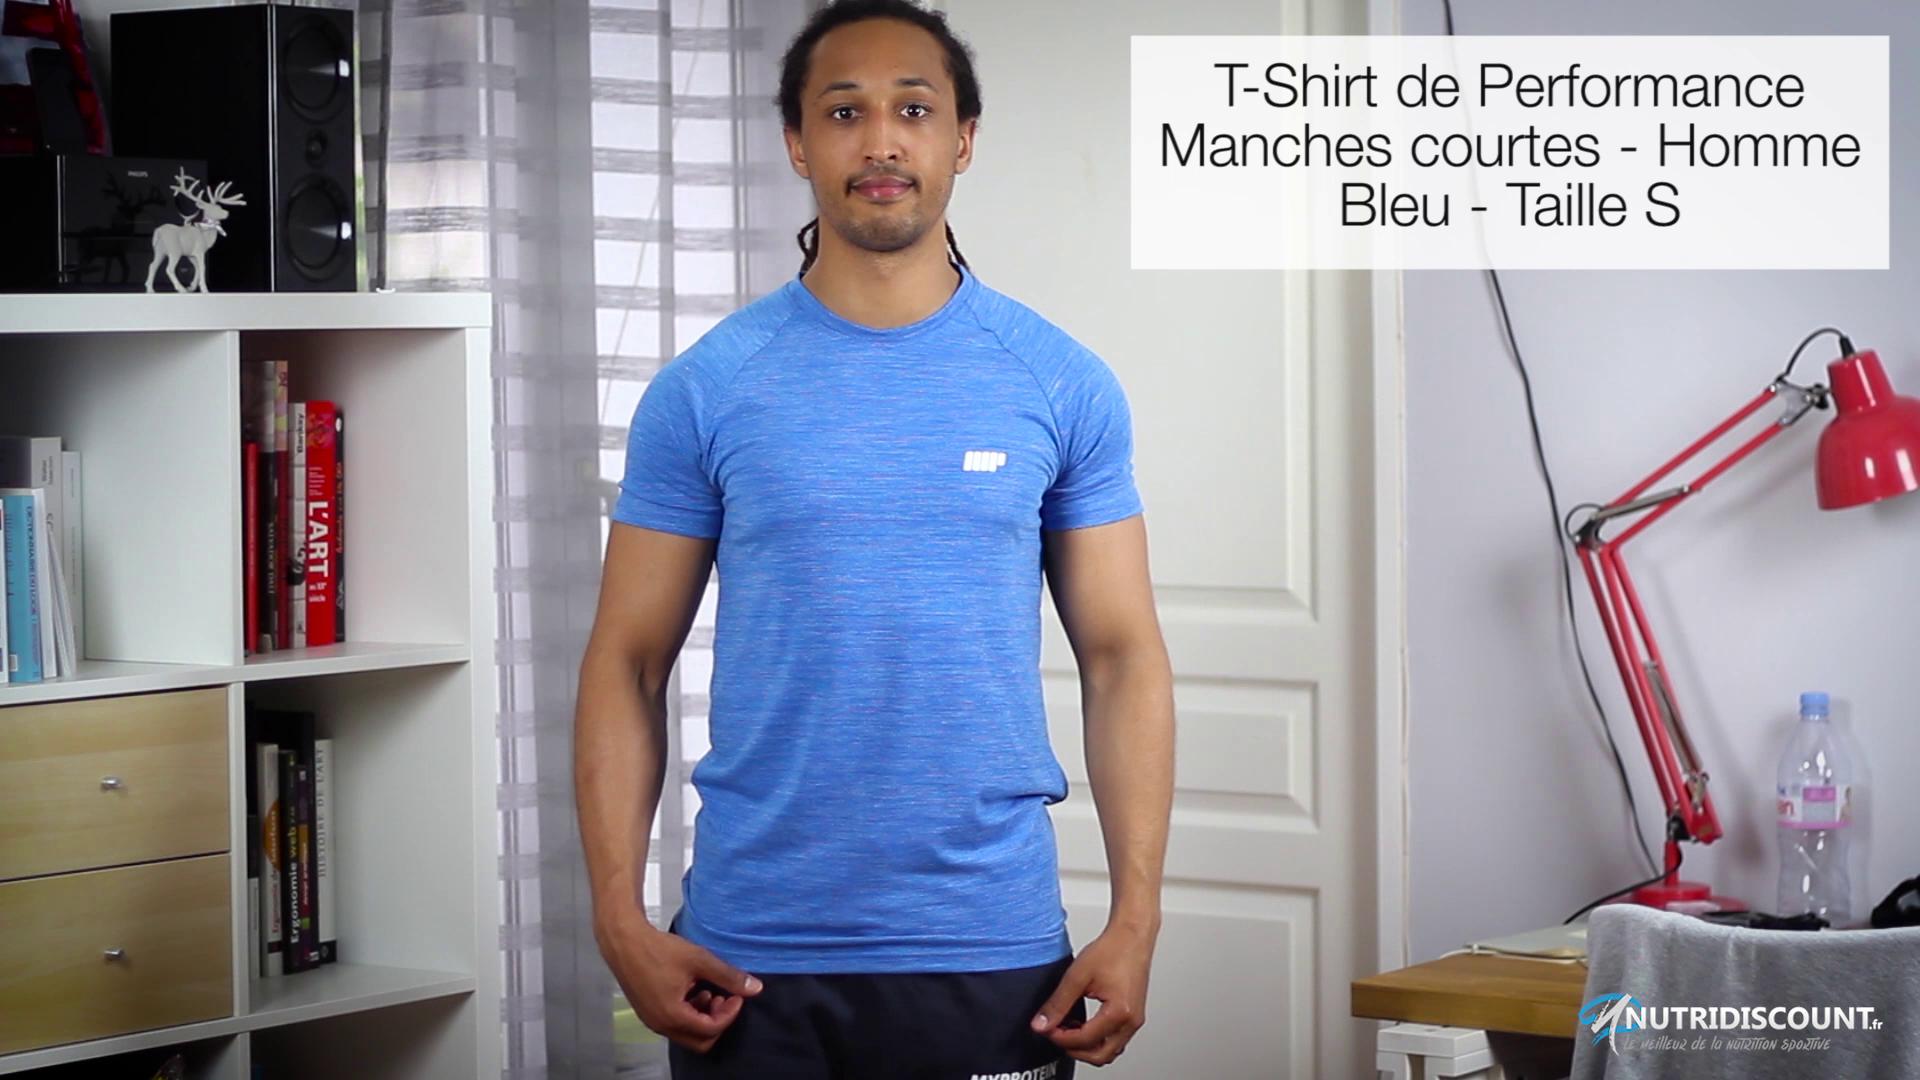 Myprotein - T-Shirt